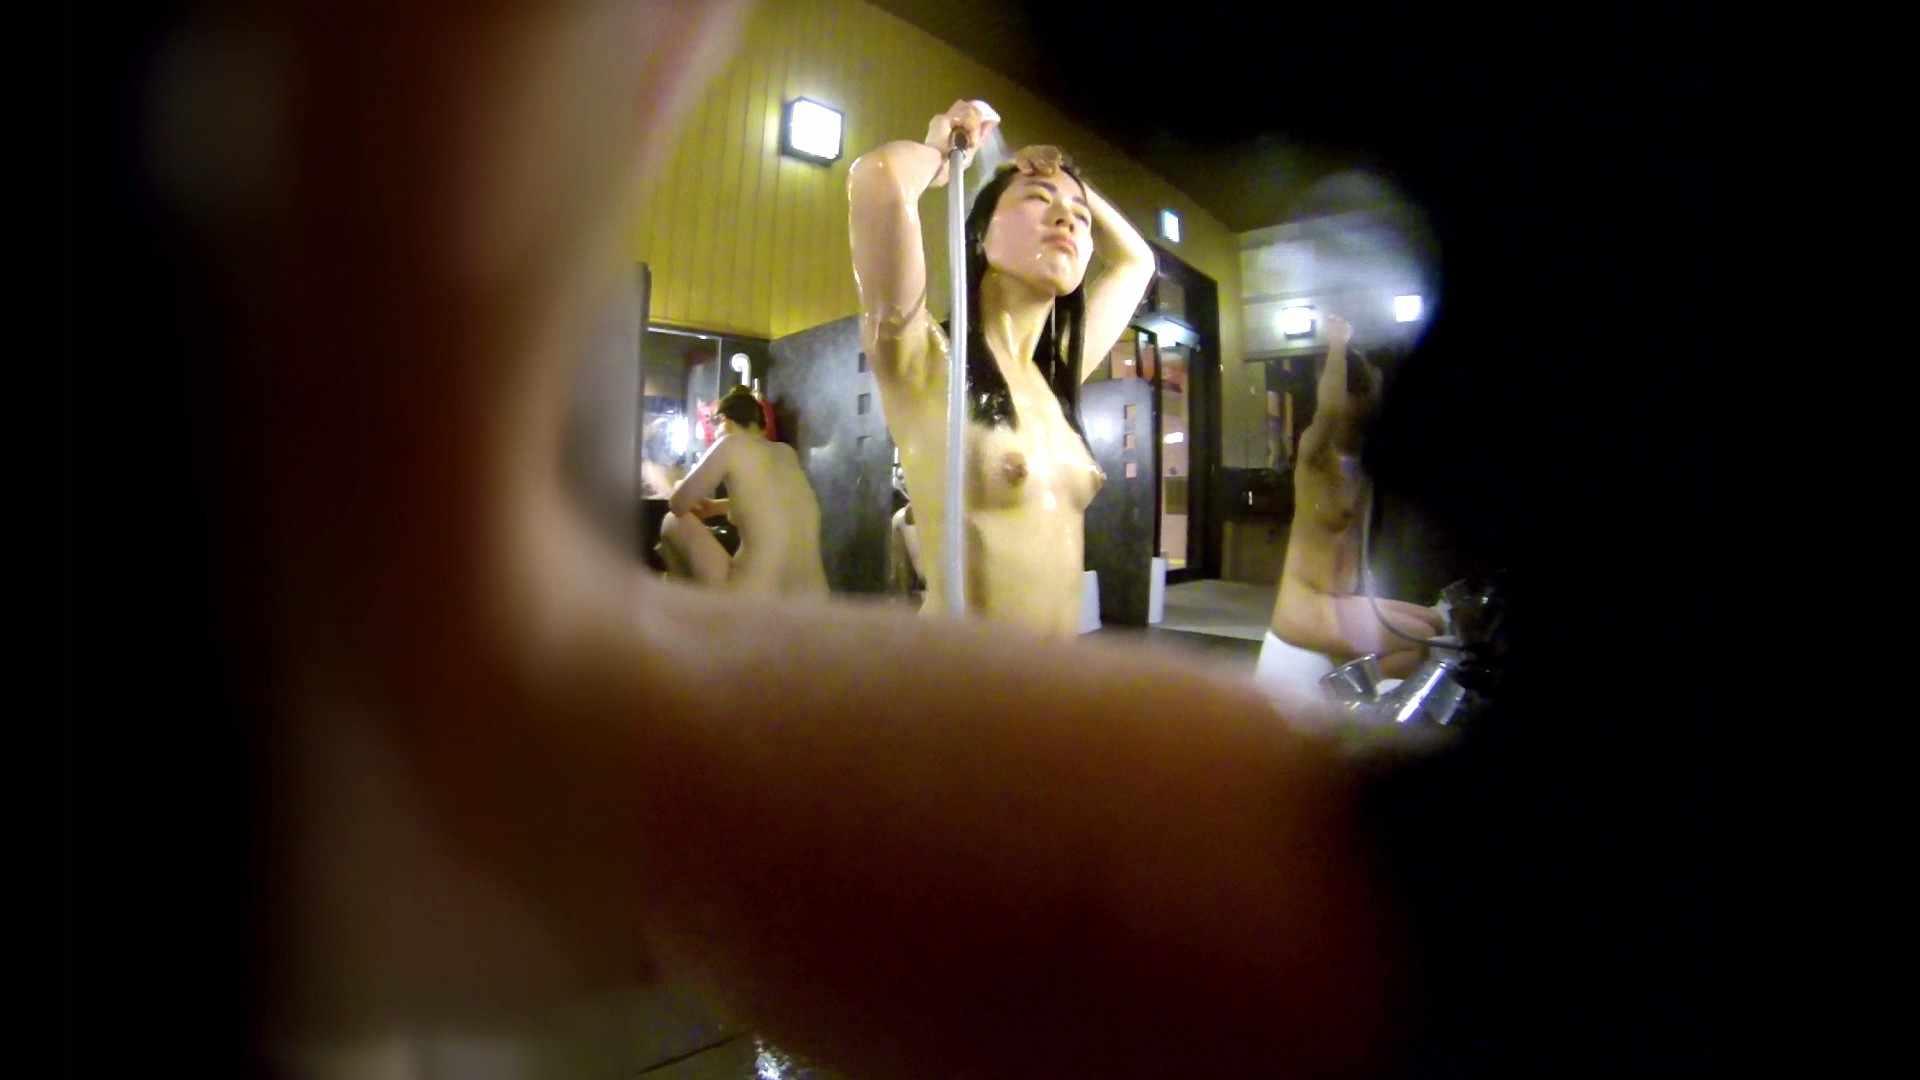 洗い場!ハッキリとした顔立ちとハッキリとした高低差の乳輪 桃色乳首   美肌  75画像 1